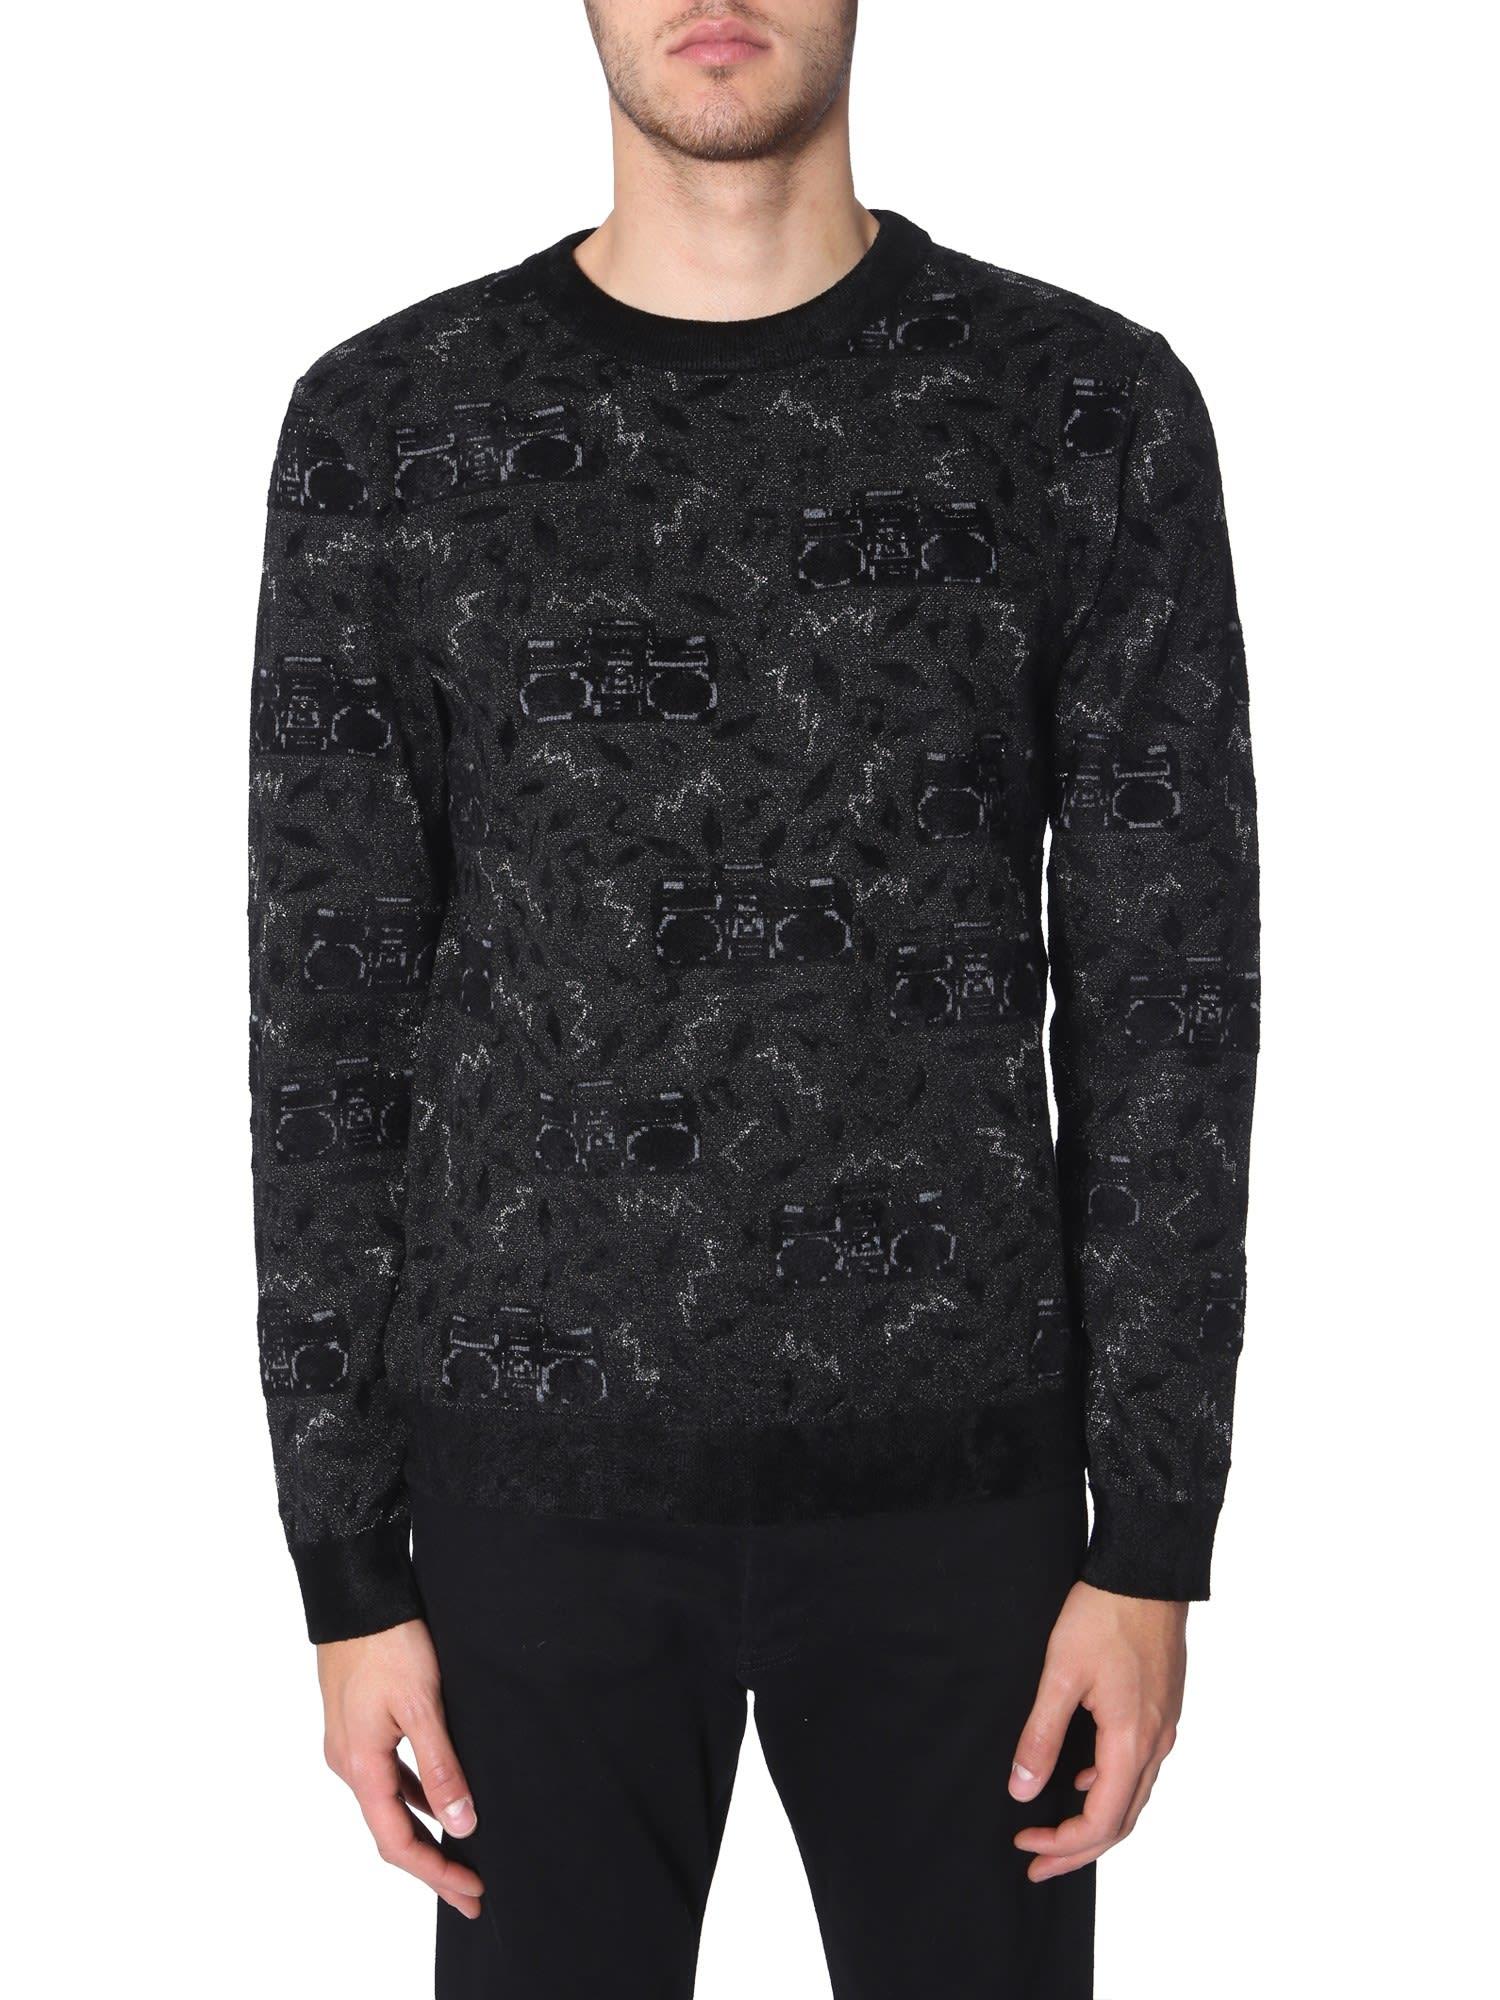 Saint Laurent Oversize Fit Sweater